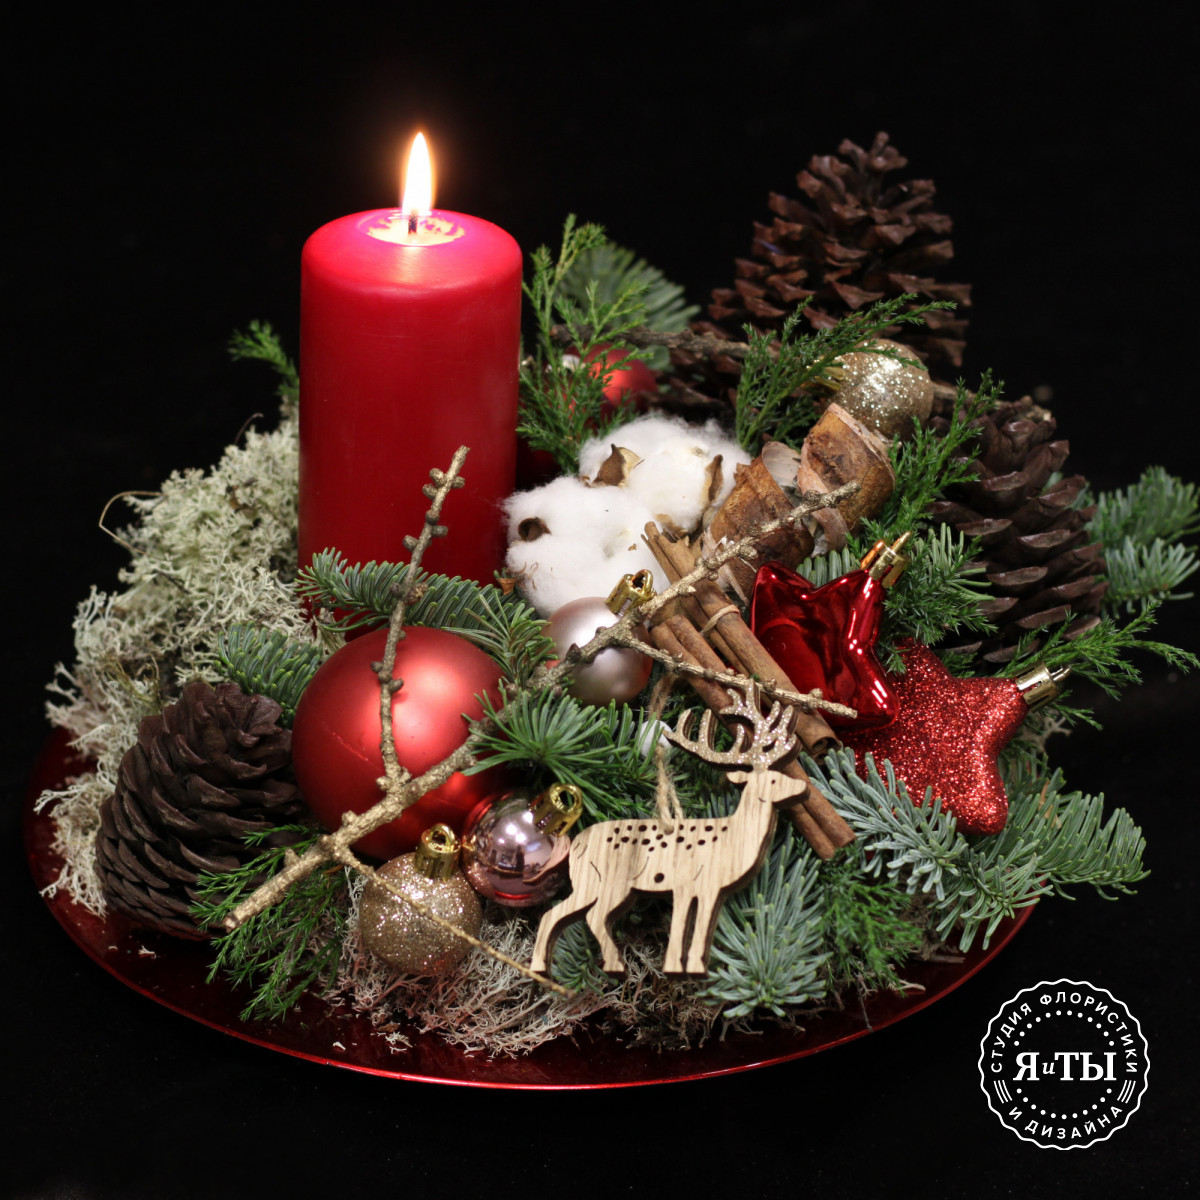 Круглая композиция с красной свечой